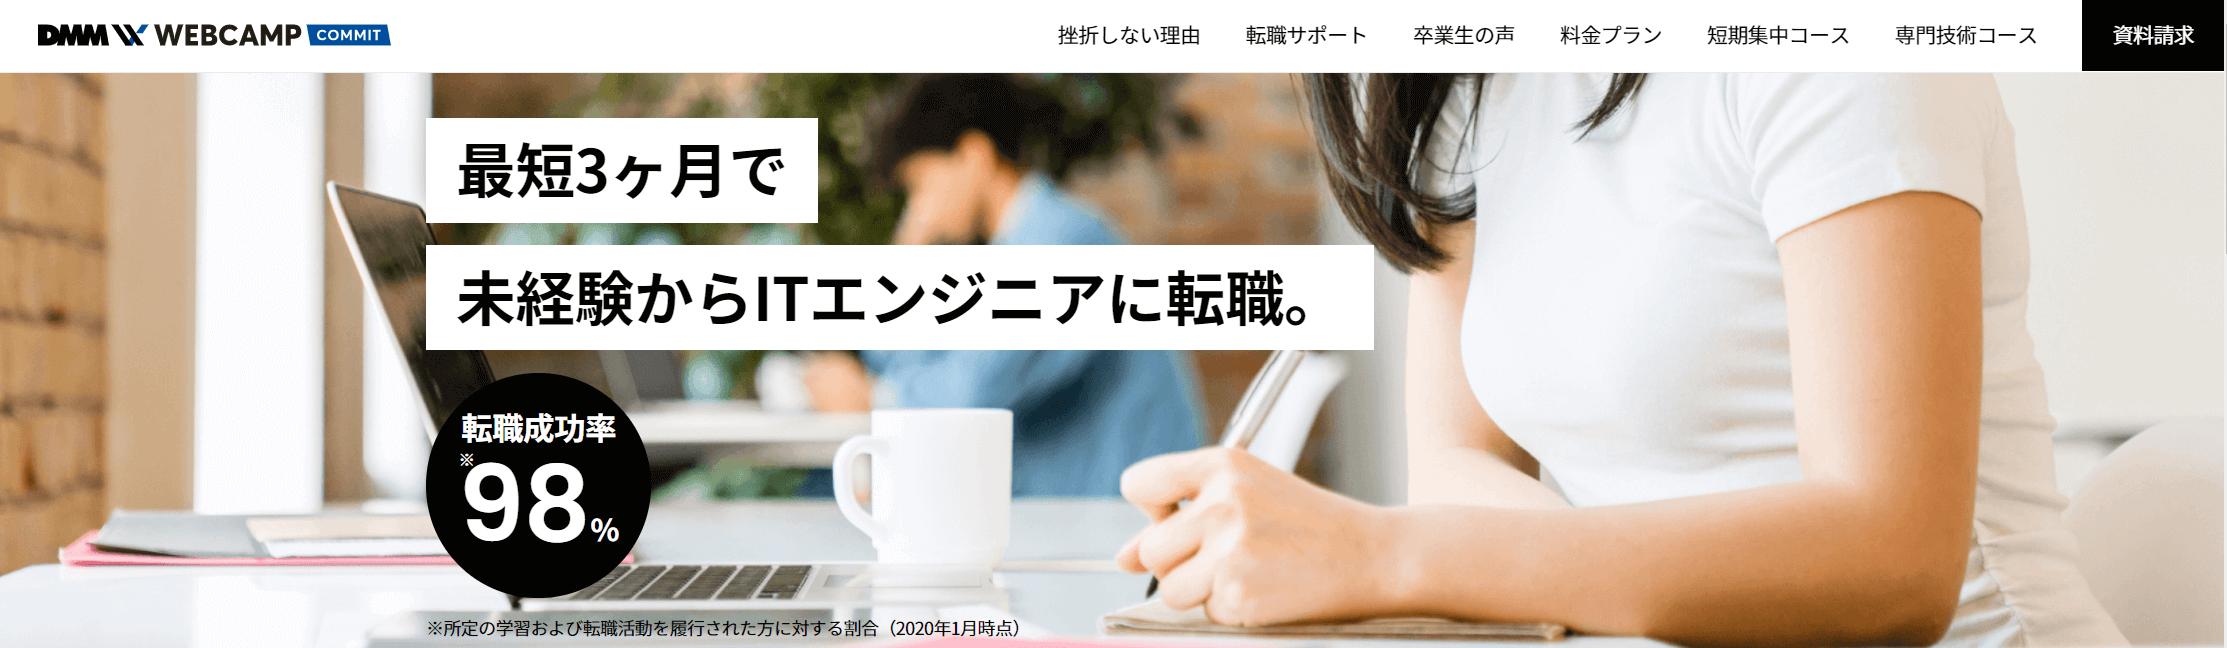 プログラミングスクール_安い_おすすめ_dmm_web_camp